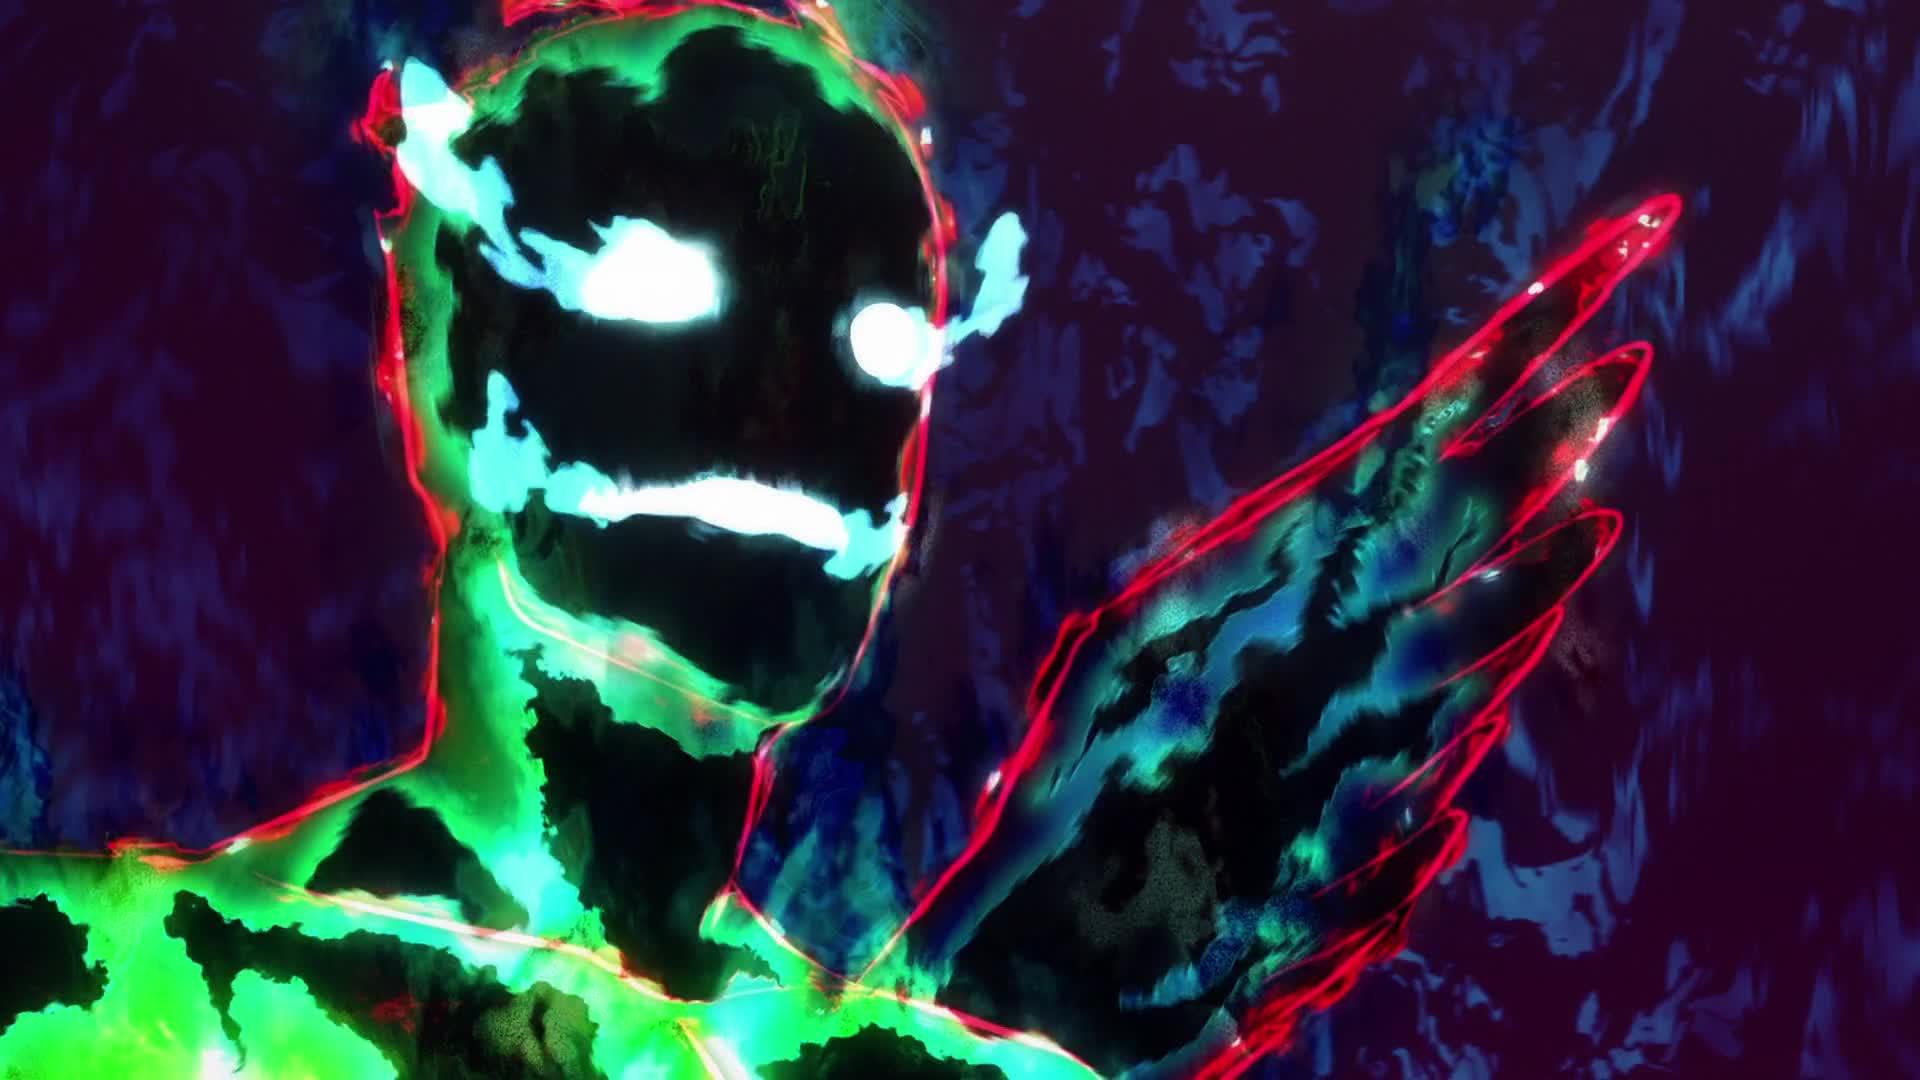 Sword Art Online: Alicization - War of Underworld - Episode 14